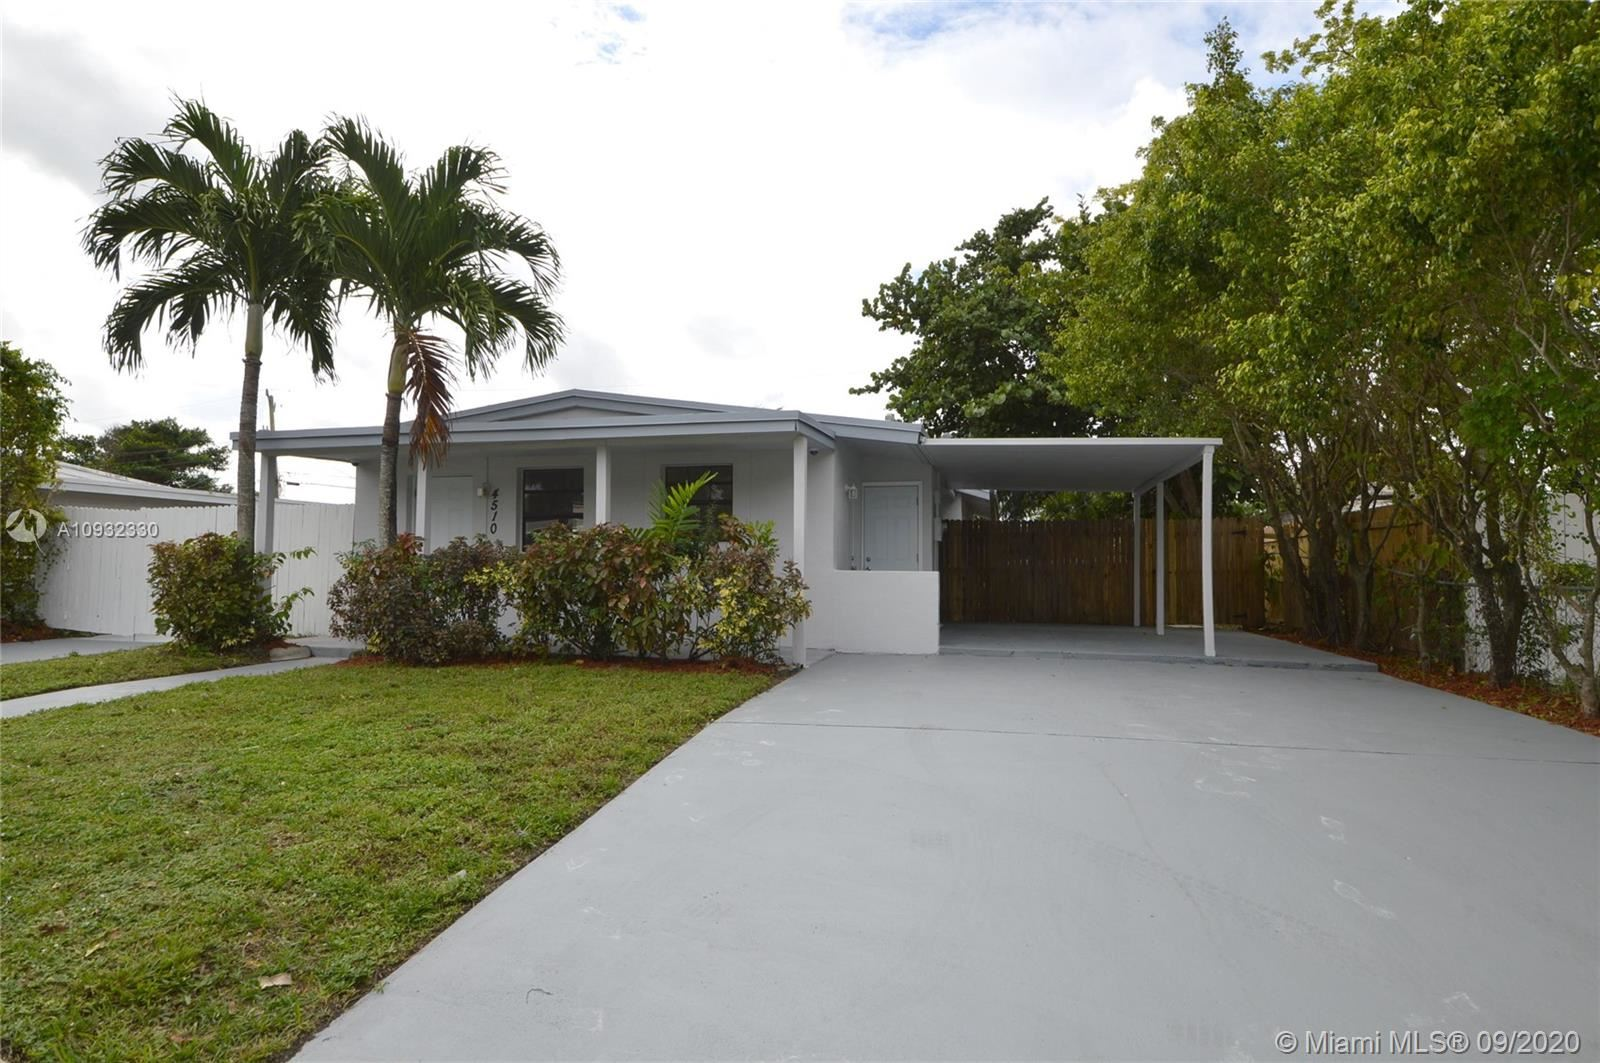 4510 SW 39th St, West Park, FL 33023 - #: A10932330